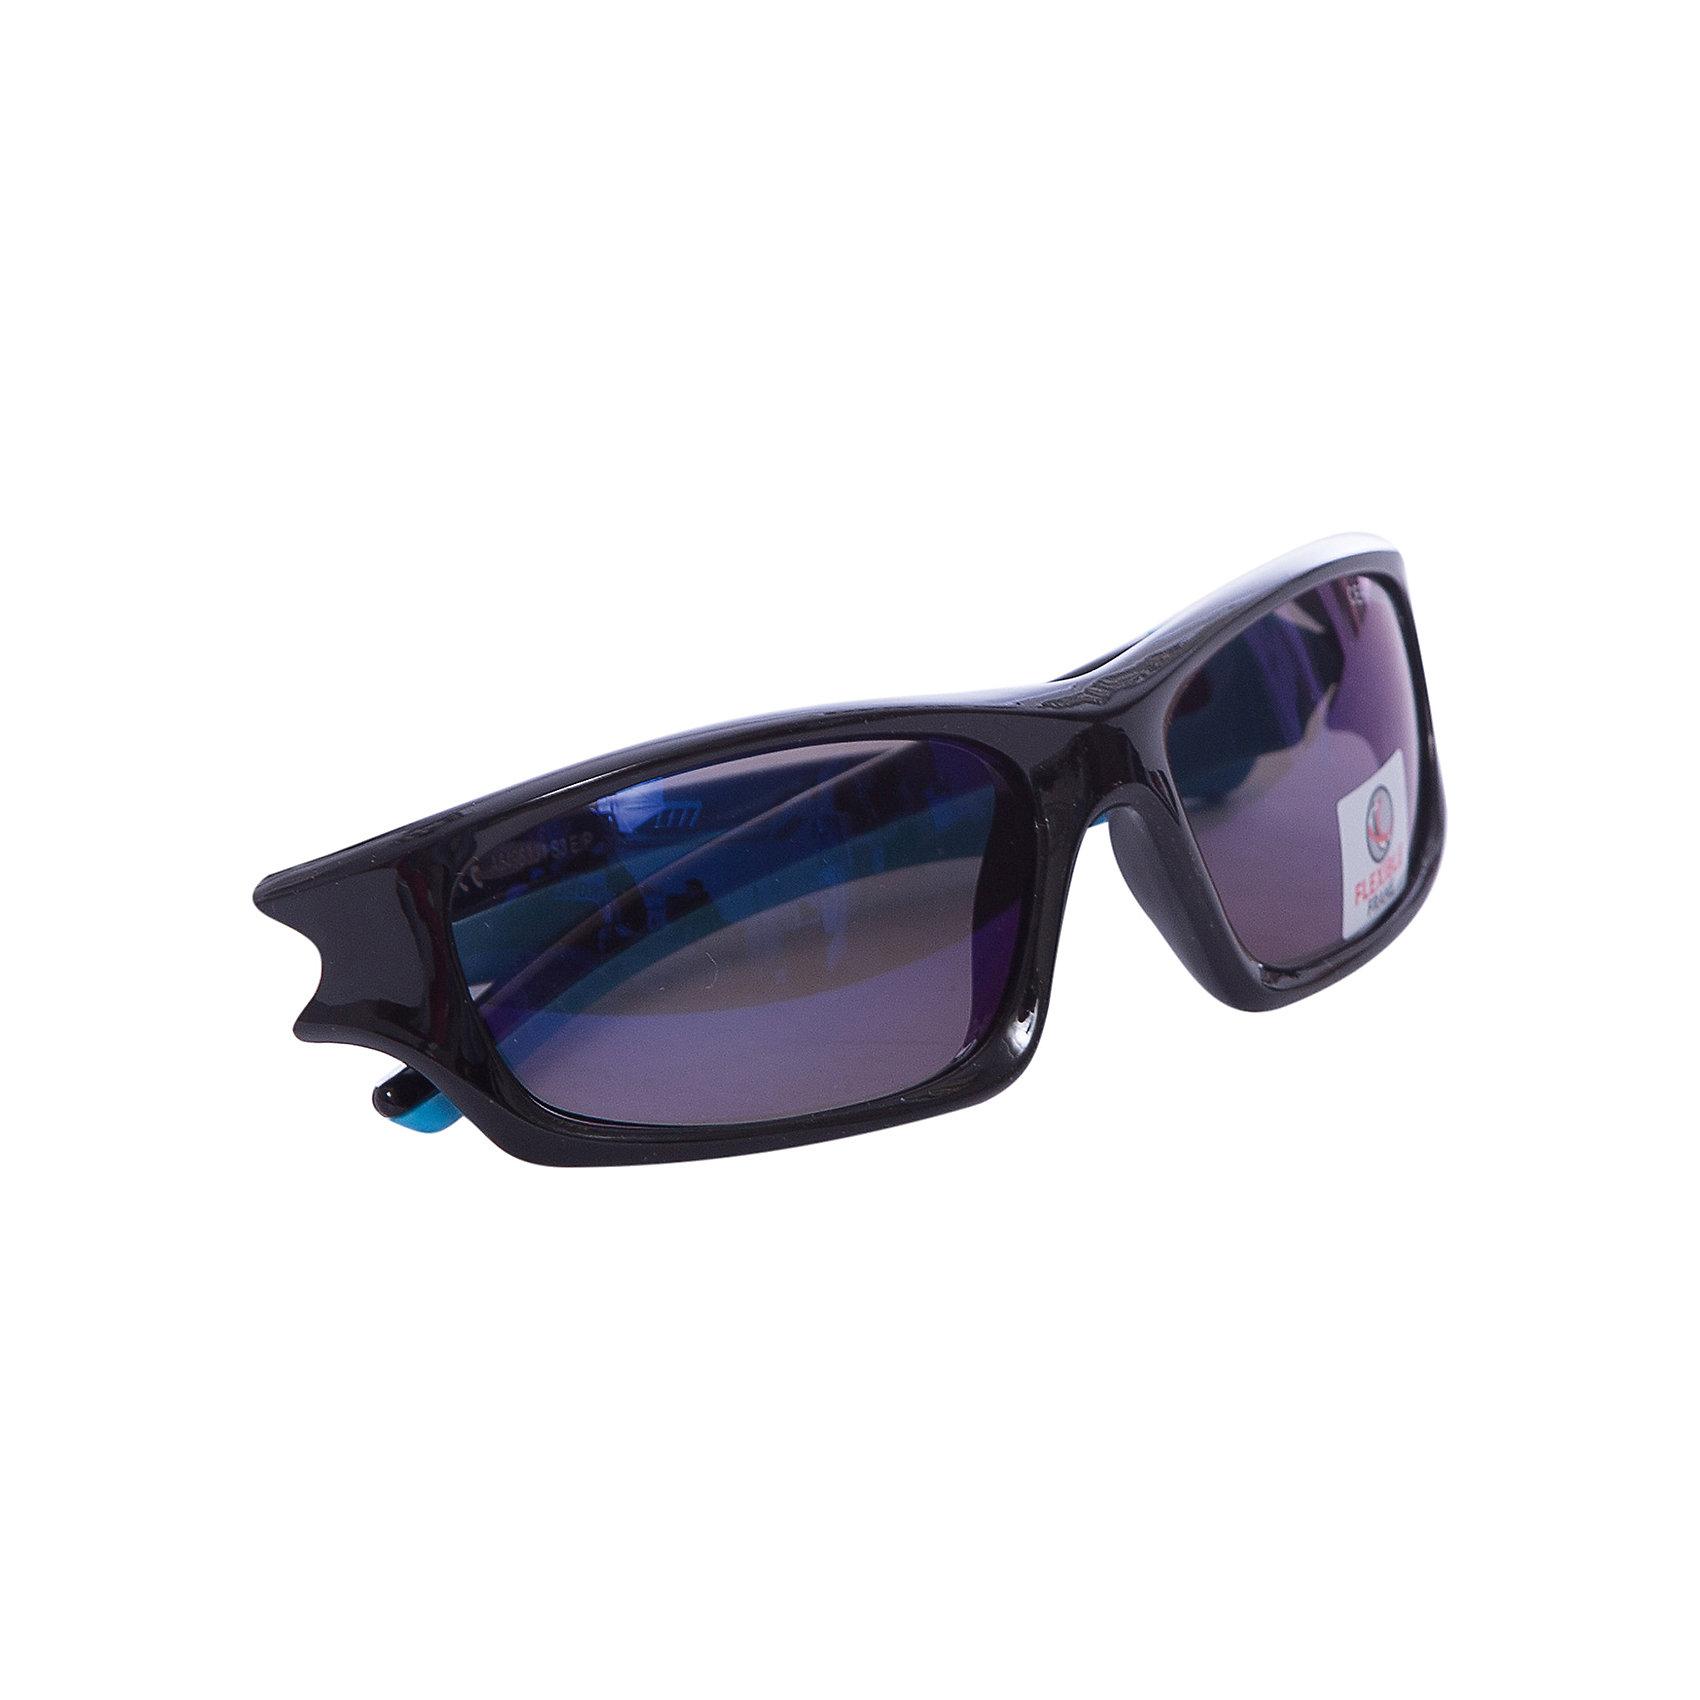 Очки солнцезащитные FLEXXY TEEN, ALPINAСолнцезащитные очки<br><br><br>Ширина мм: 173<br>Глубина мм: 76<br>Высота мм: 40<br>Вес г: 55<br>Цвет: черный<br>Возраст от месяцев: 96<br>Возраст до месяцев: 192<br>Пол: Унисекс<br>Возраст: Детский<br>SKU: 3183931